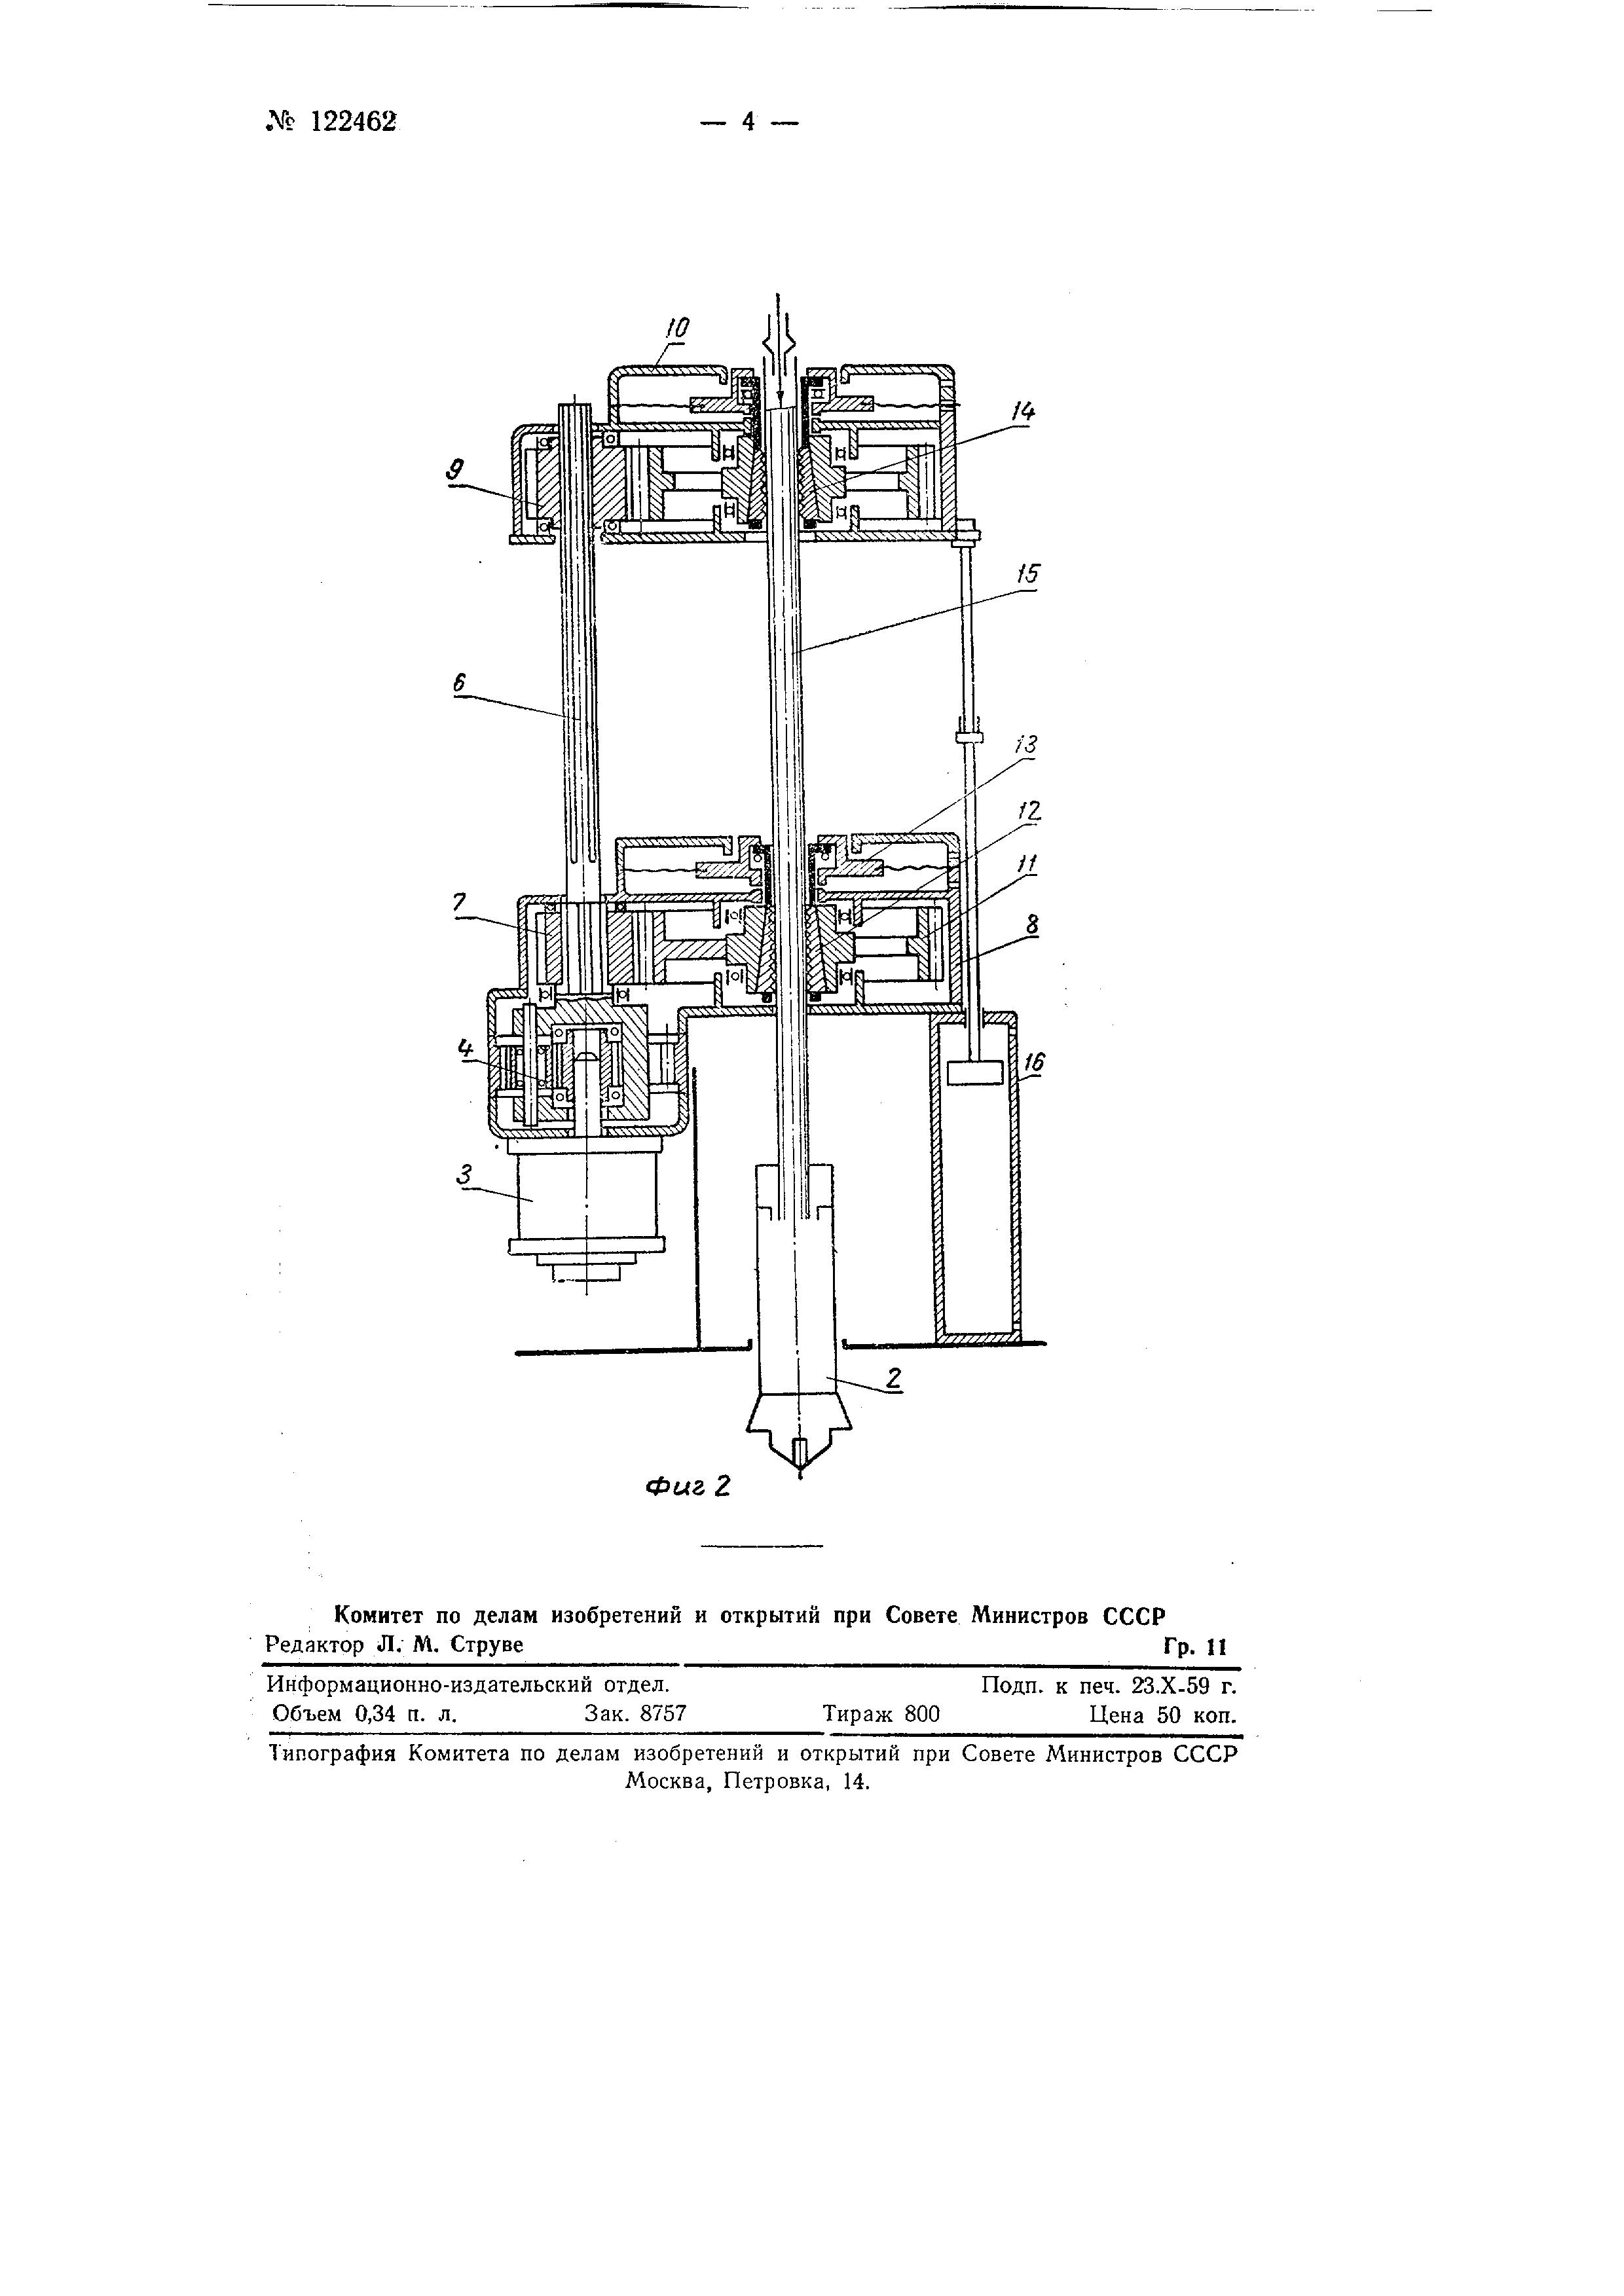 Схема электрическая шлифовального станка фото 807